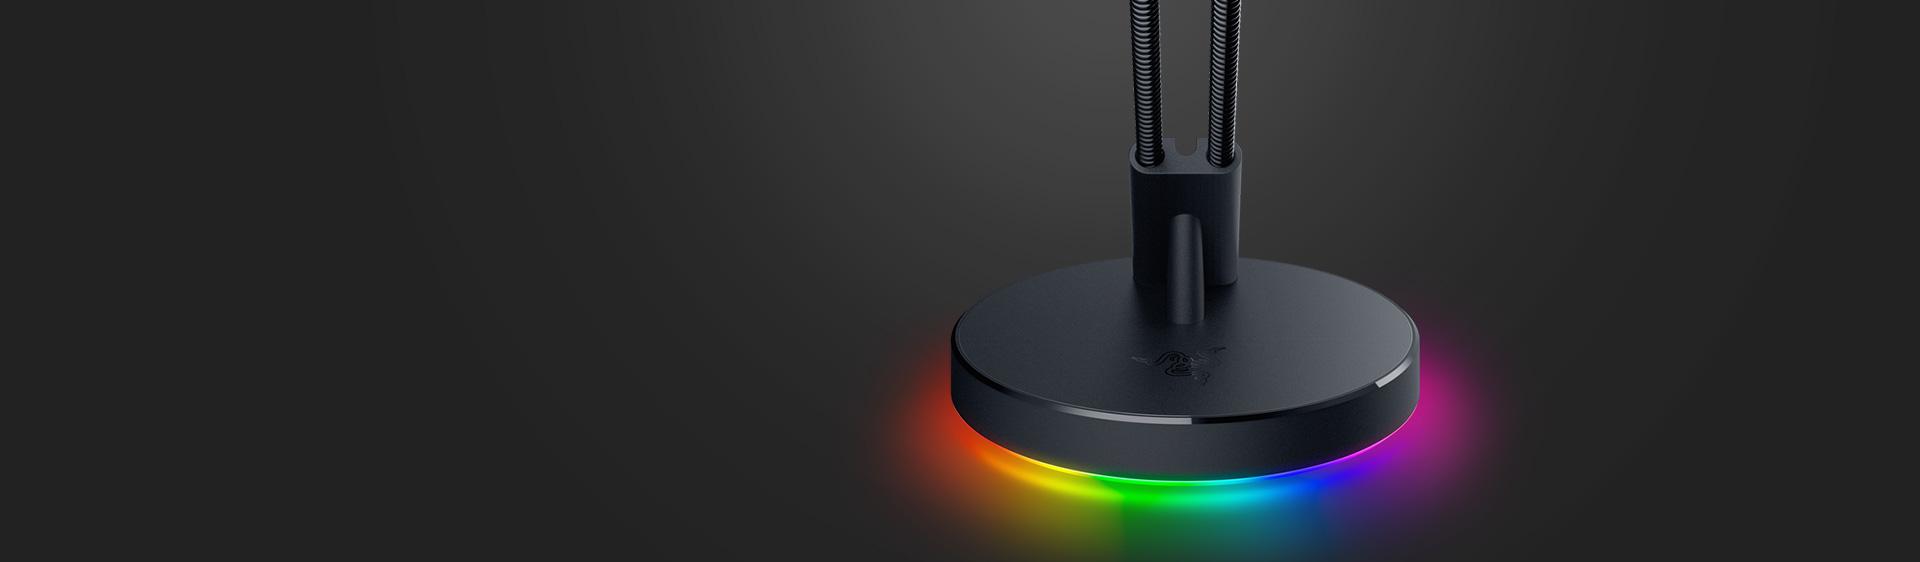 https://assets2.razerzone.com/images/pnx.assets/6bbd3ee6bd7cd3c15a60de96f55f68a3/razer-mouse-bungee-v3-chroma-usp3-desktop.jpg